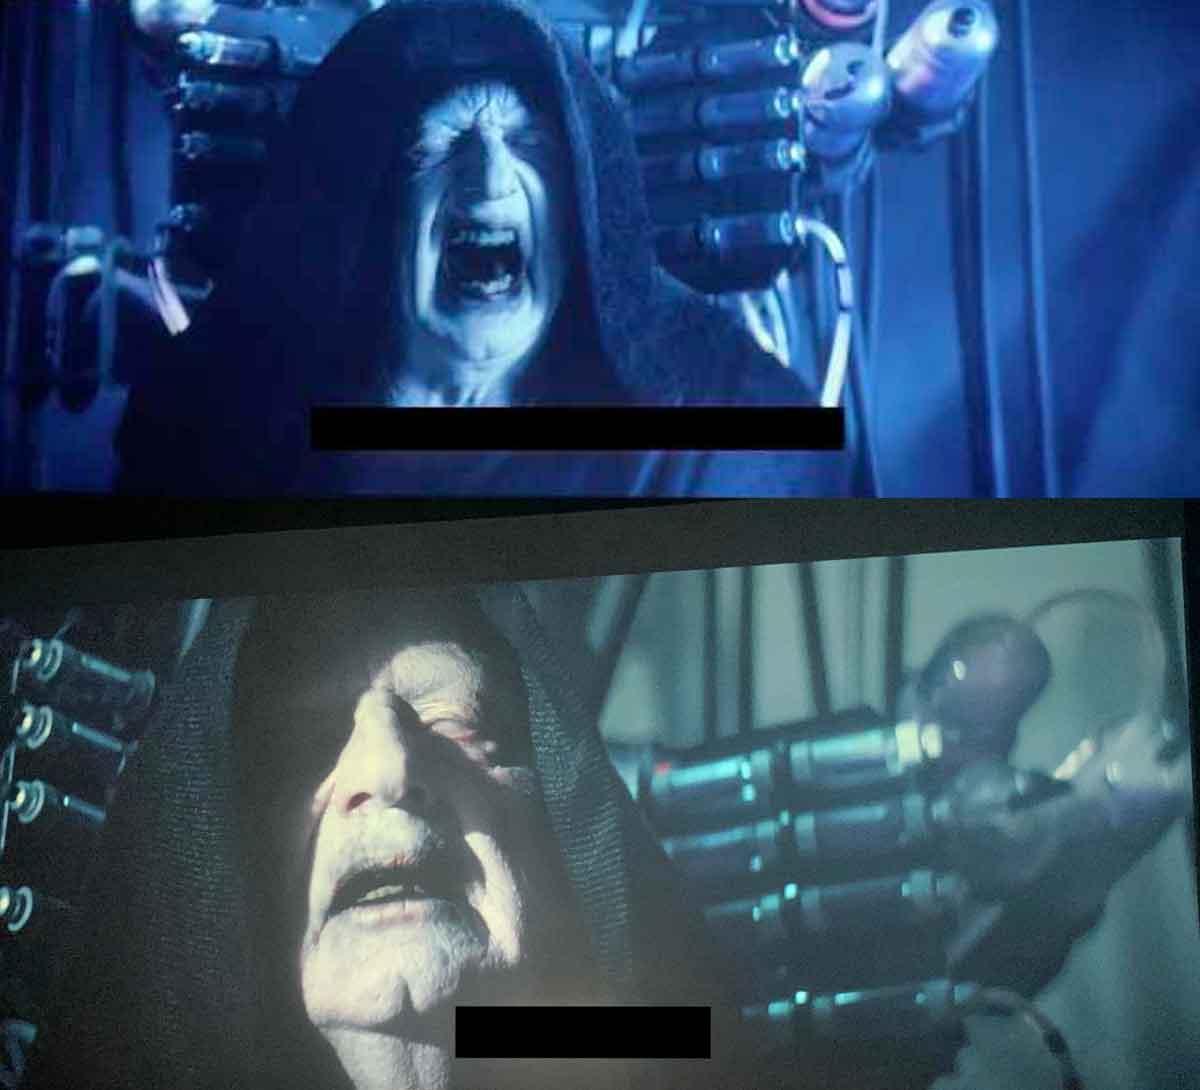 Filtran una imagen del Emperador en Star Wars: El ascenso de Skywalker